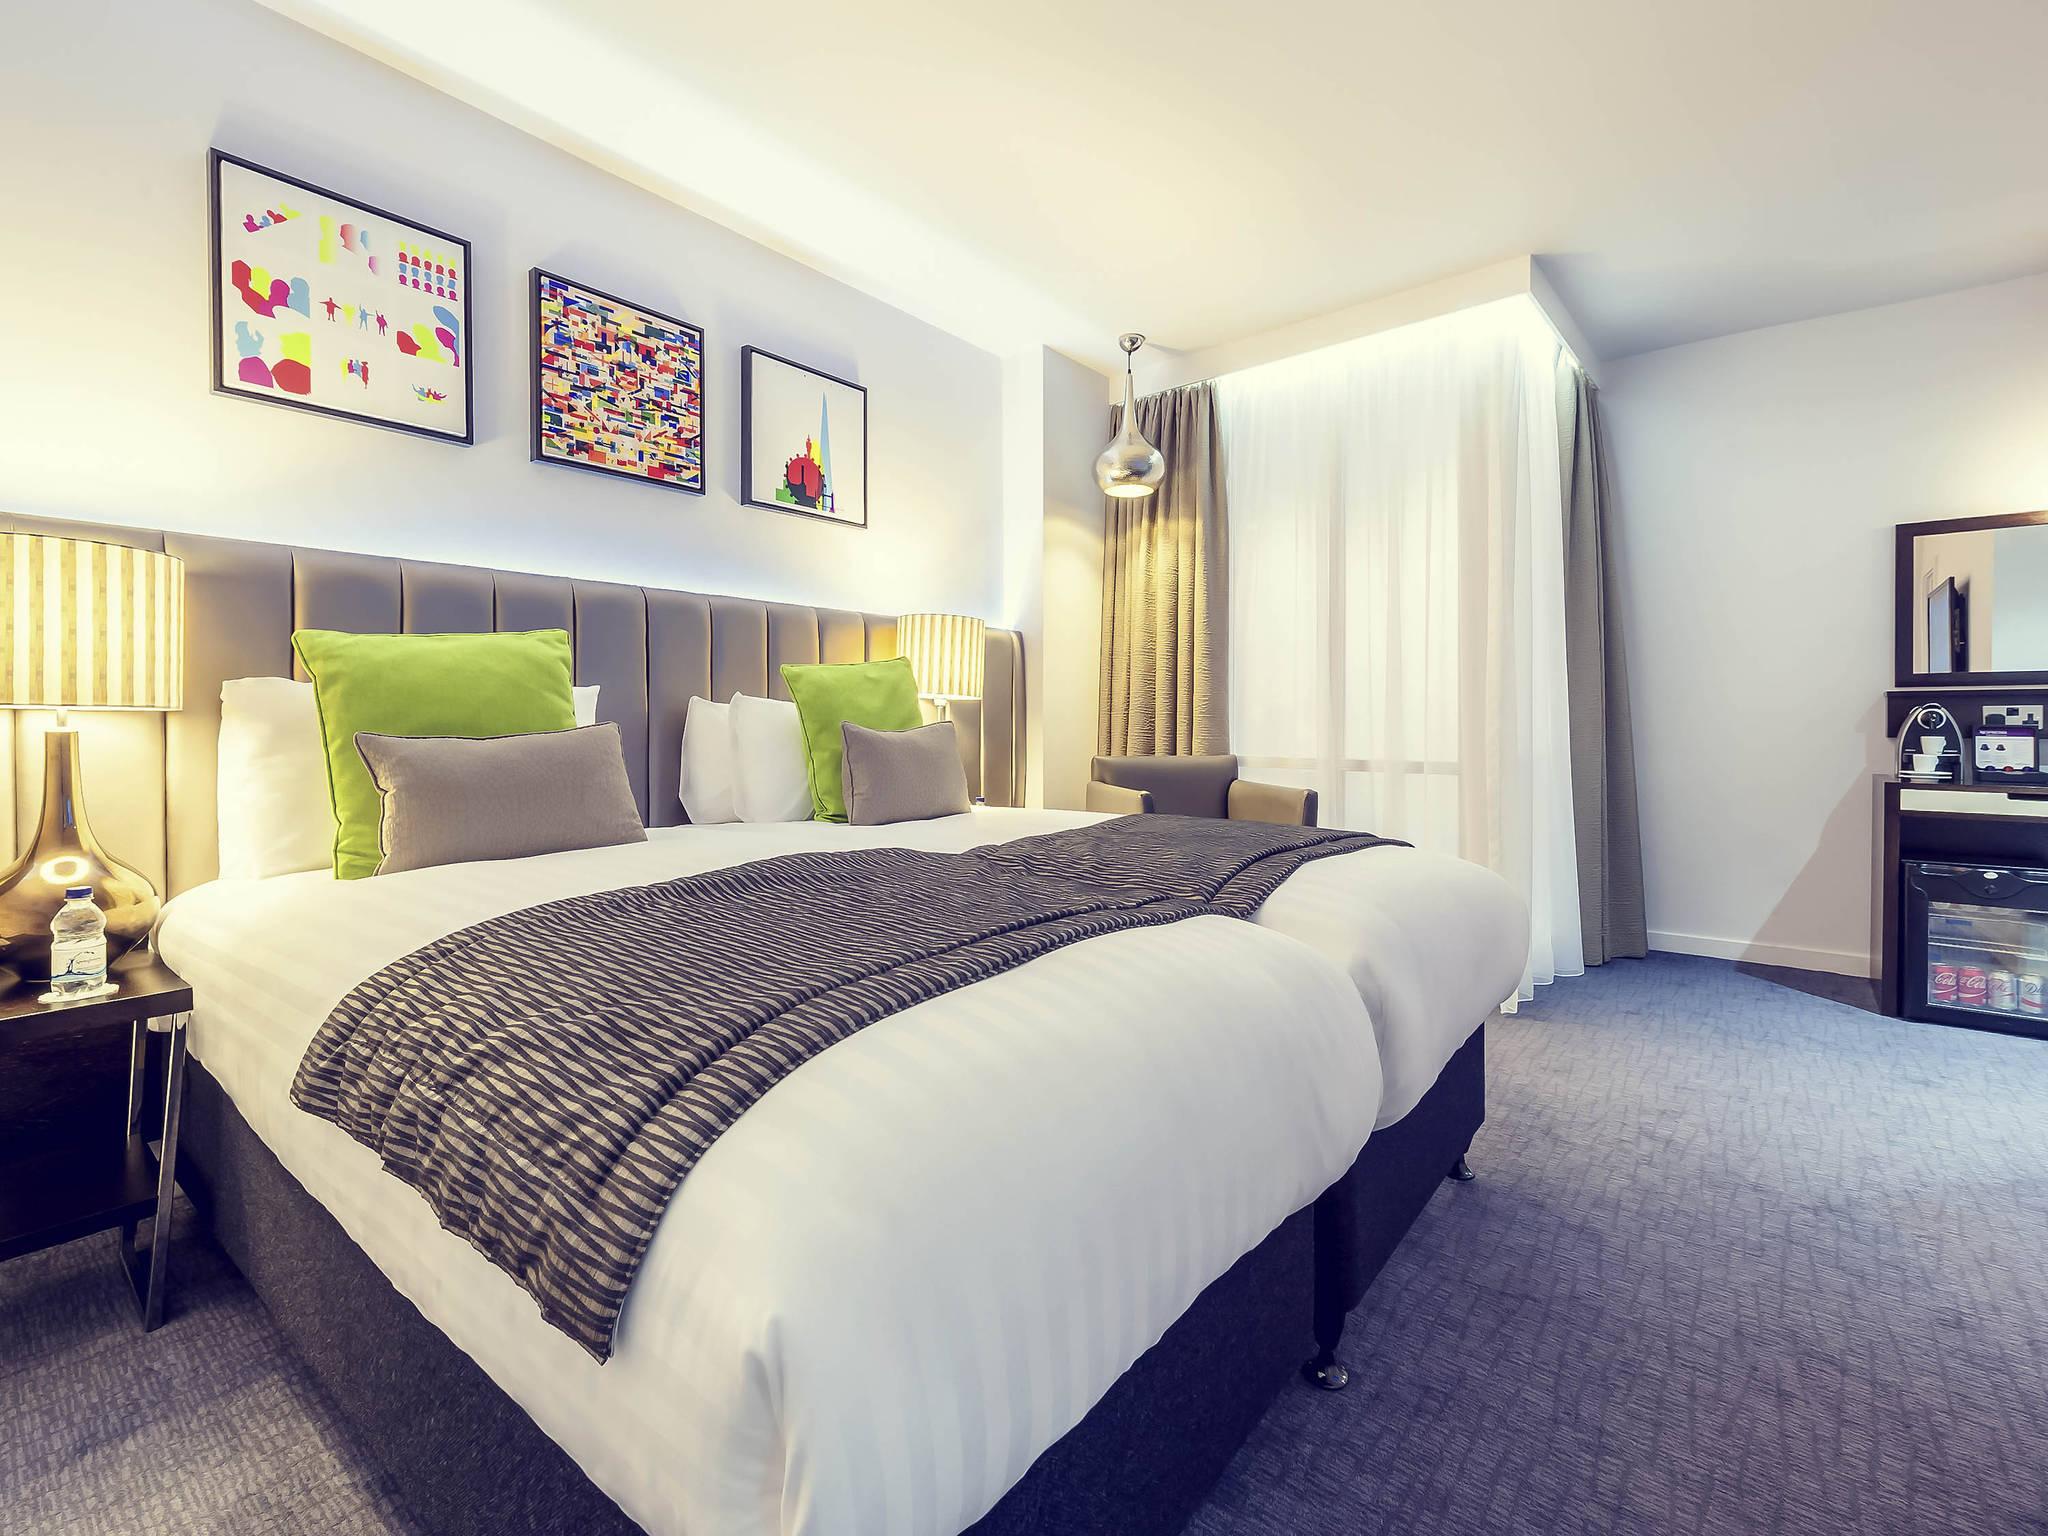 ホテル – メルキュールロンドンパディントン